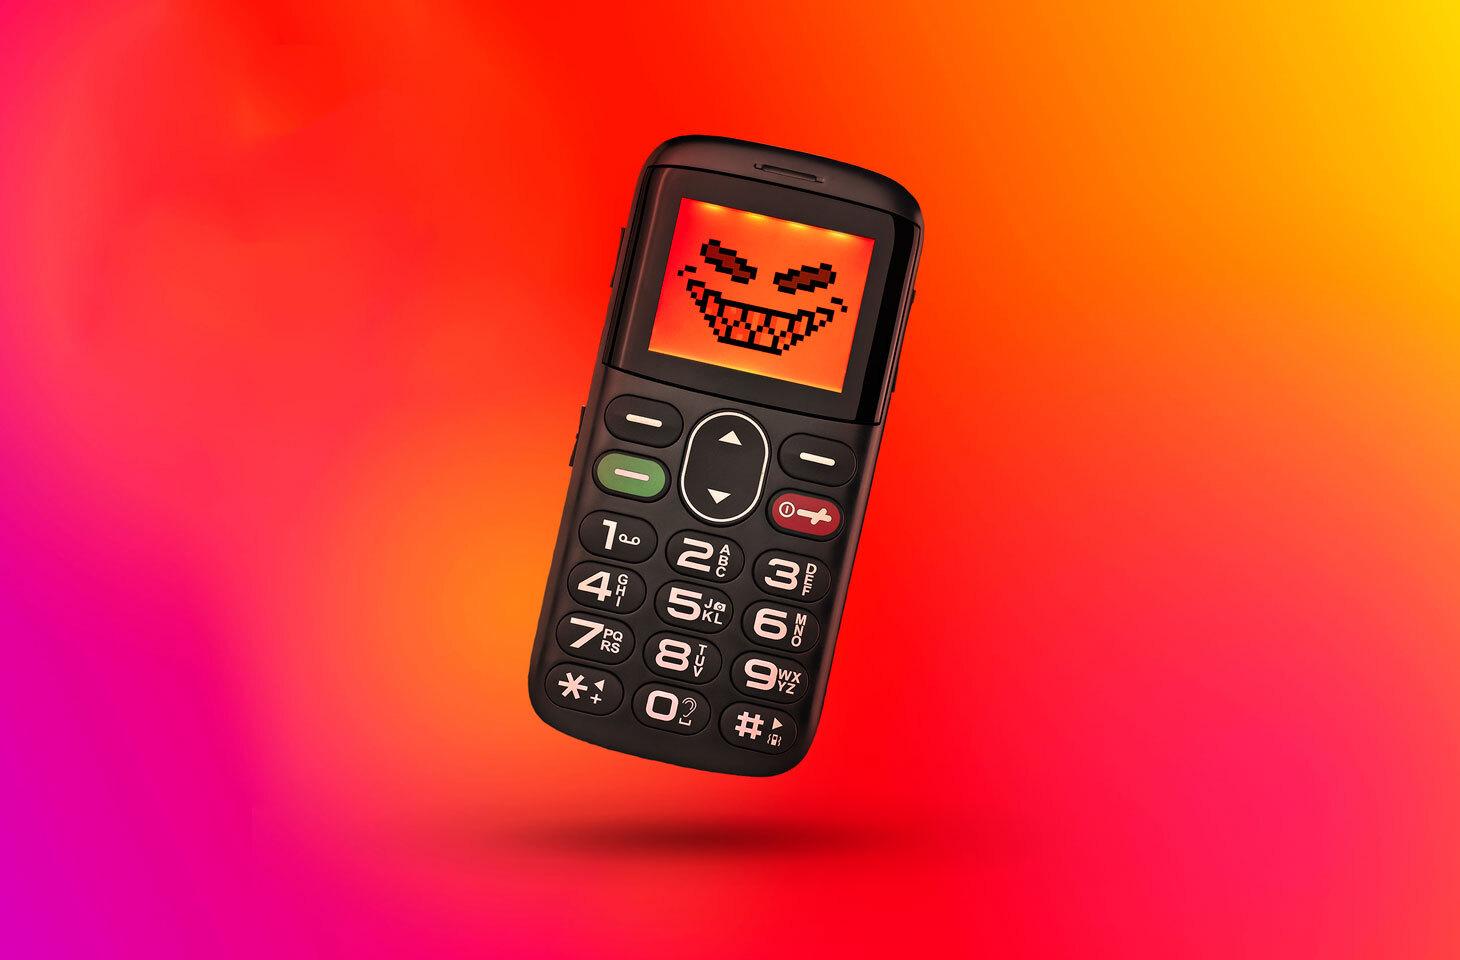 Telefones básicos também podem ser perigosos